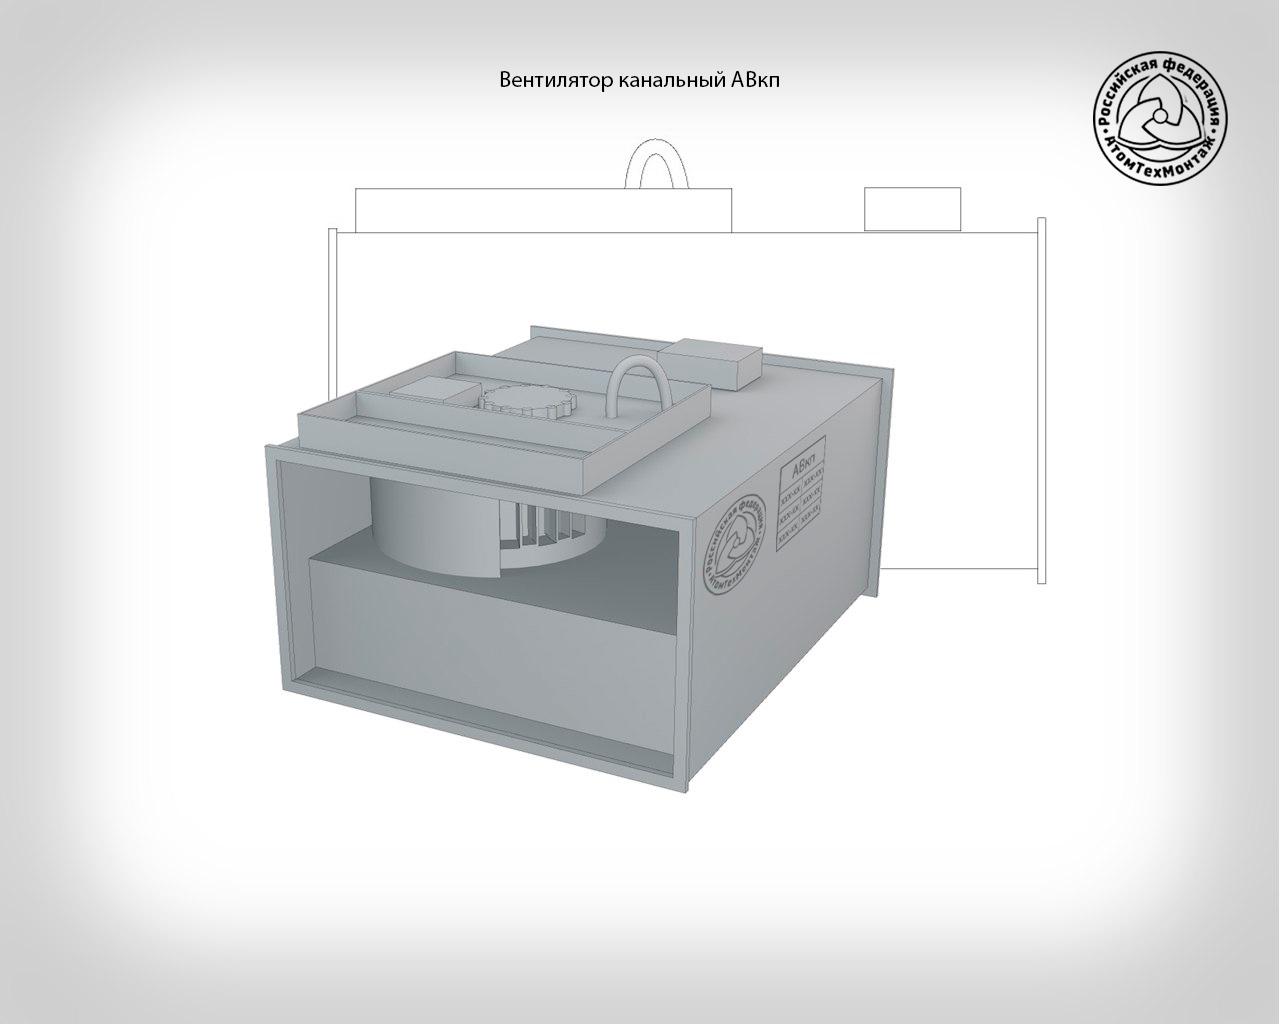 Вентилятор-канальный-АВкп